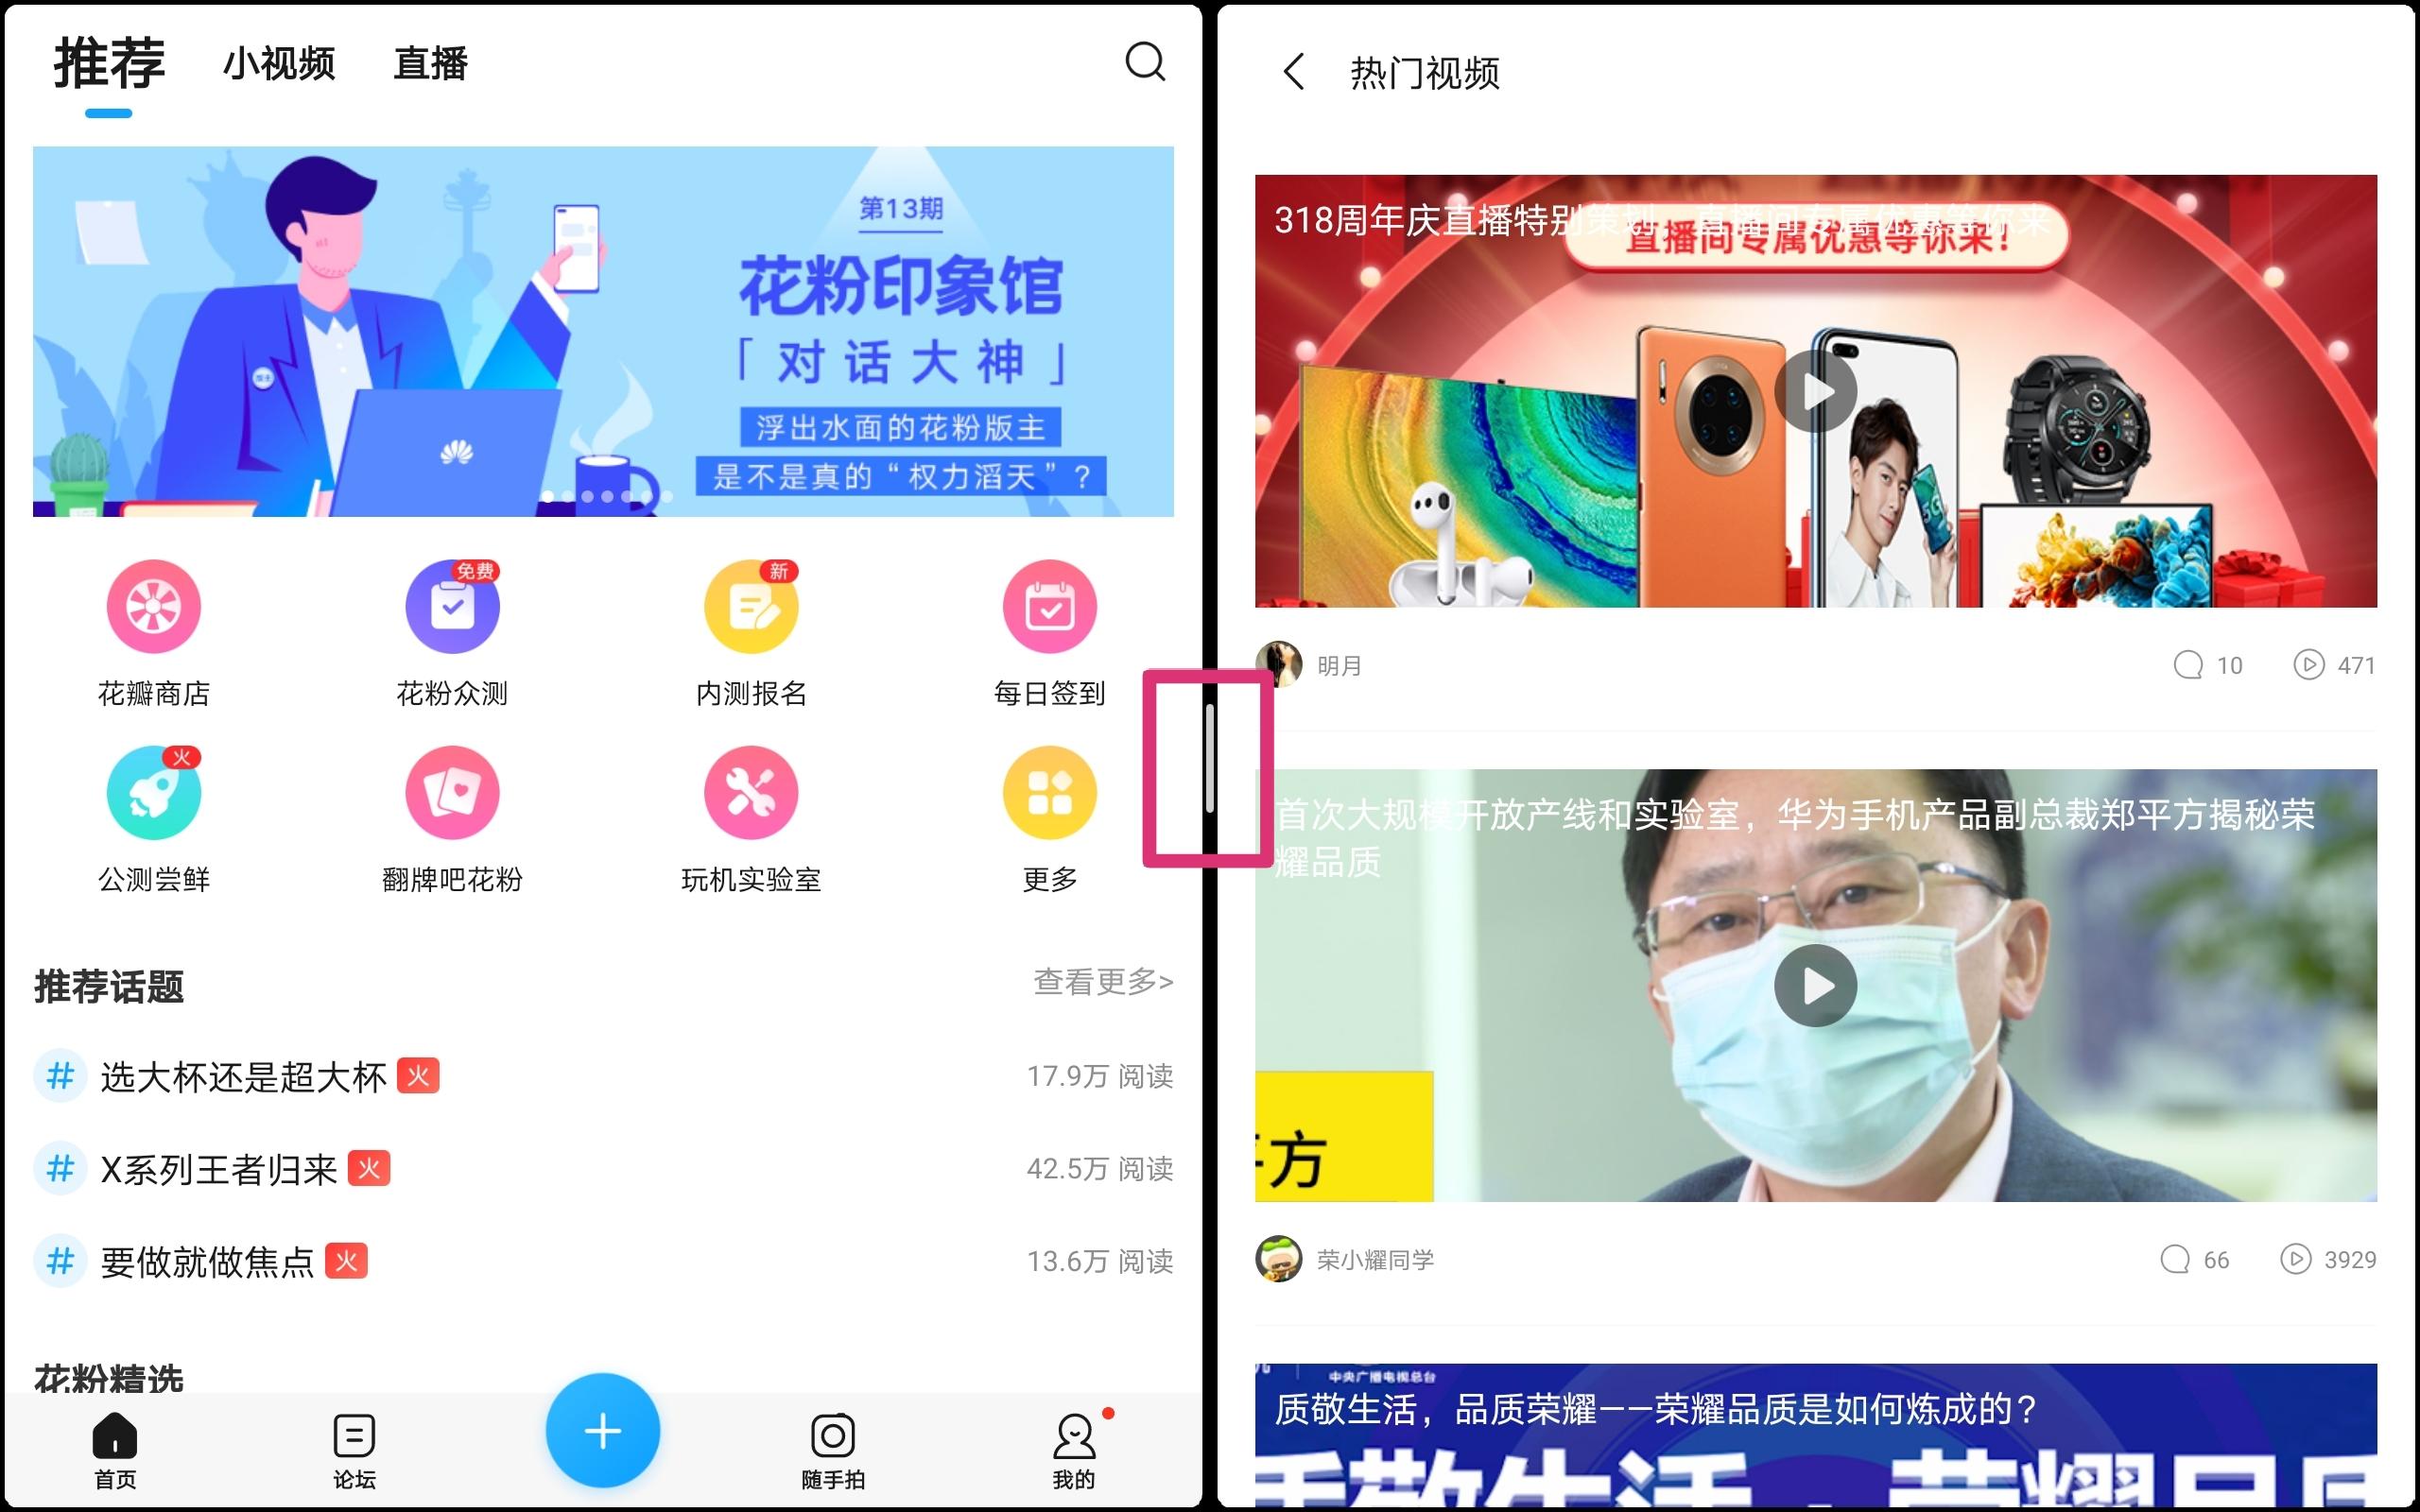 Screenshot_20200430_102611.jpg